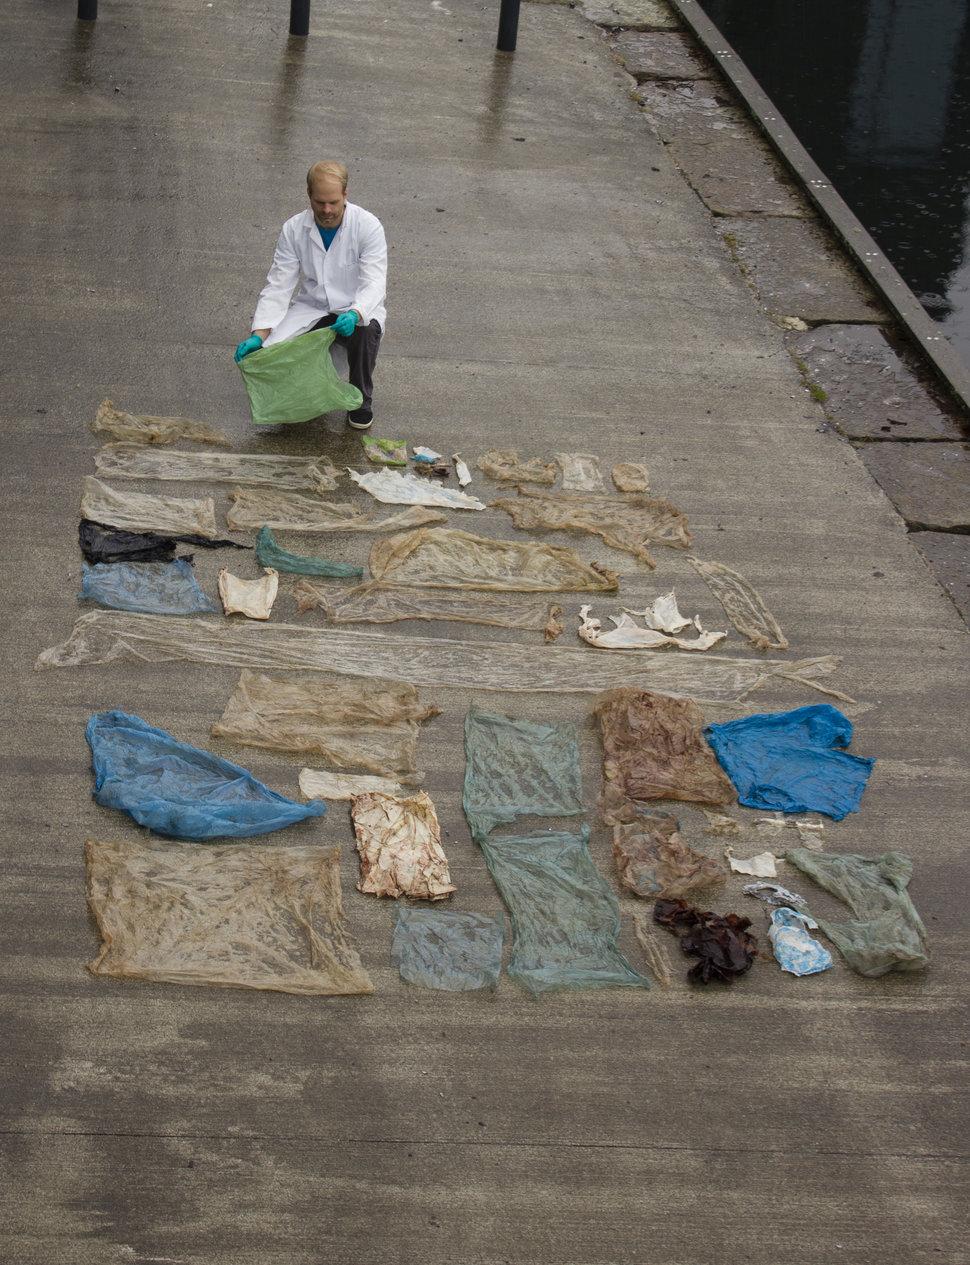 クジラの腸から引き出されたプラスチック袋